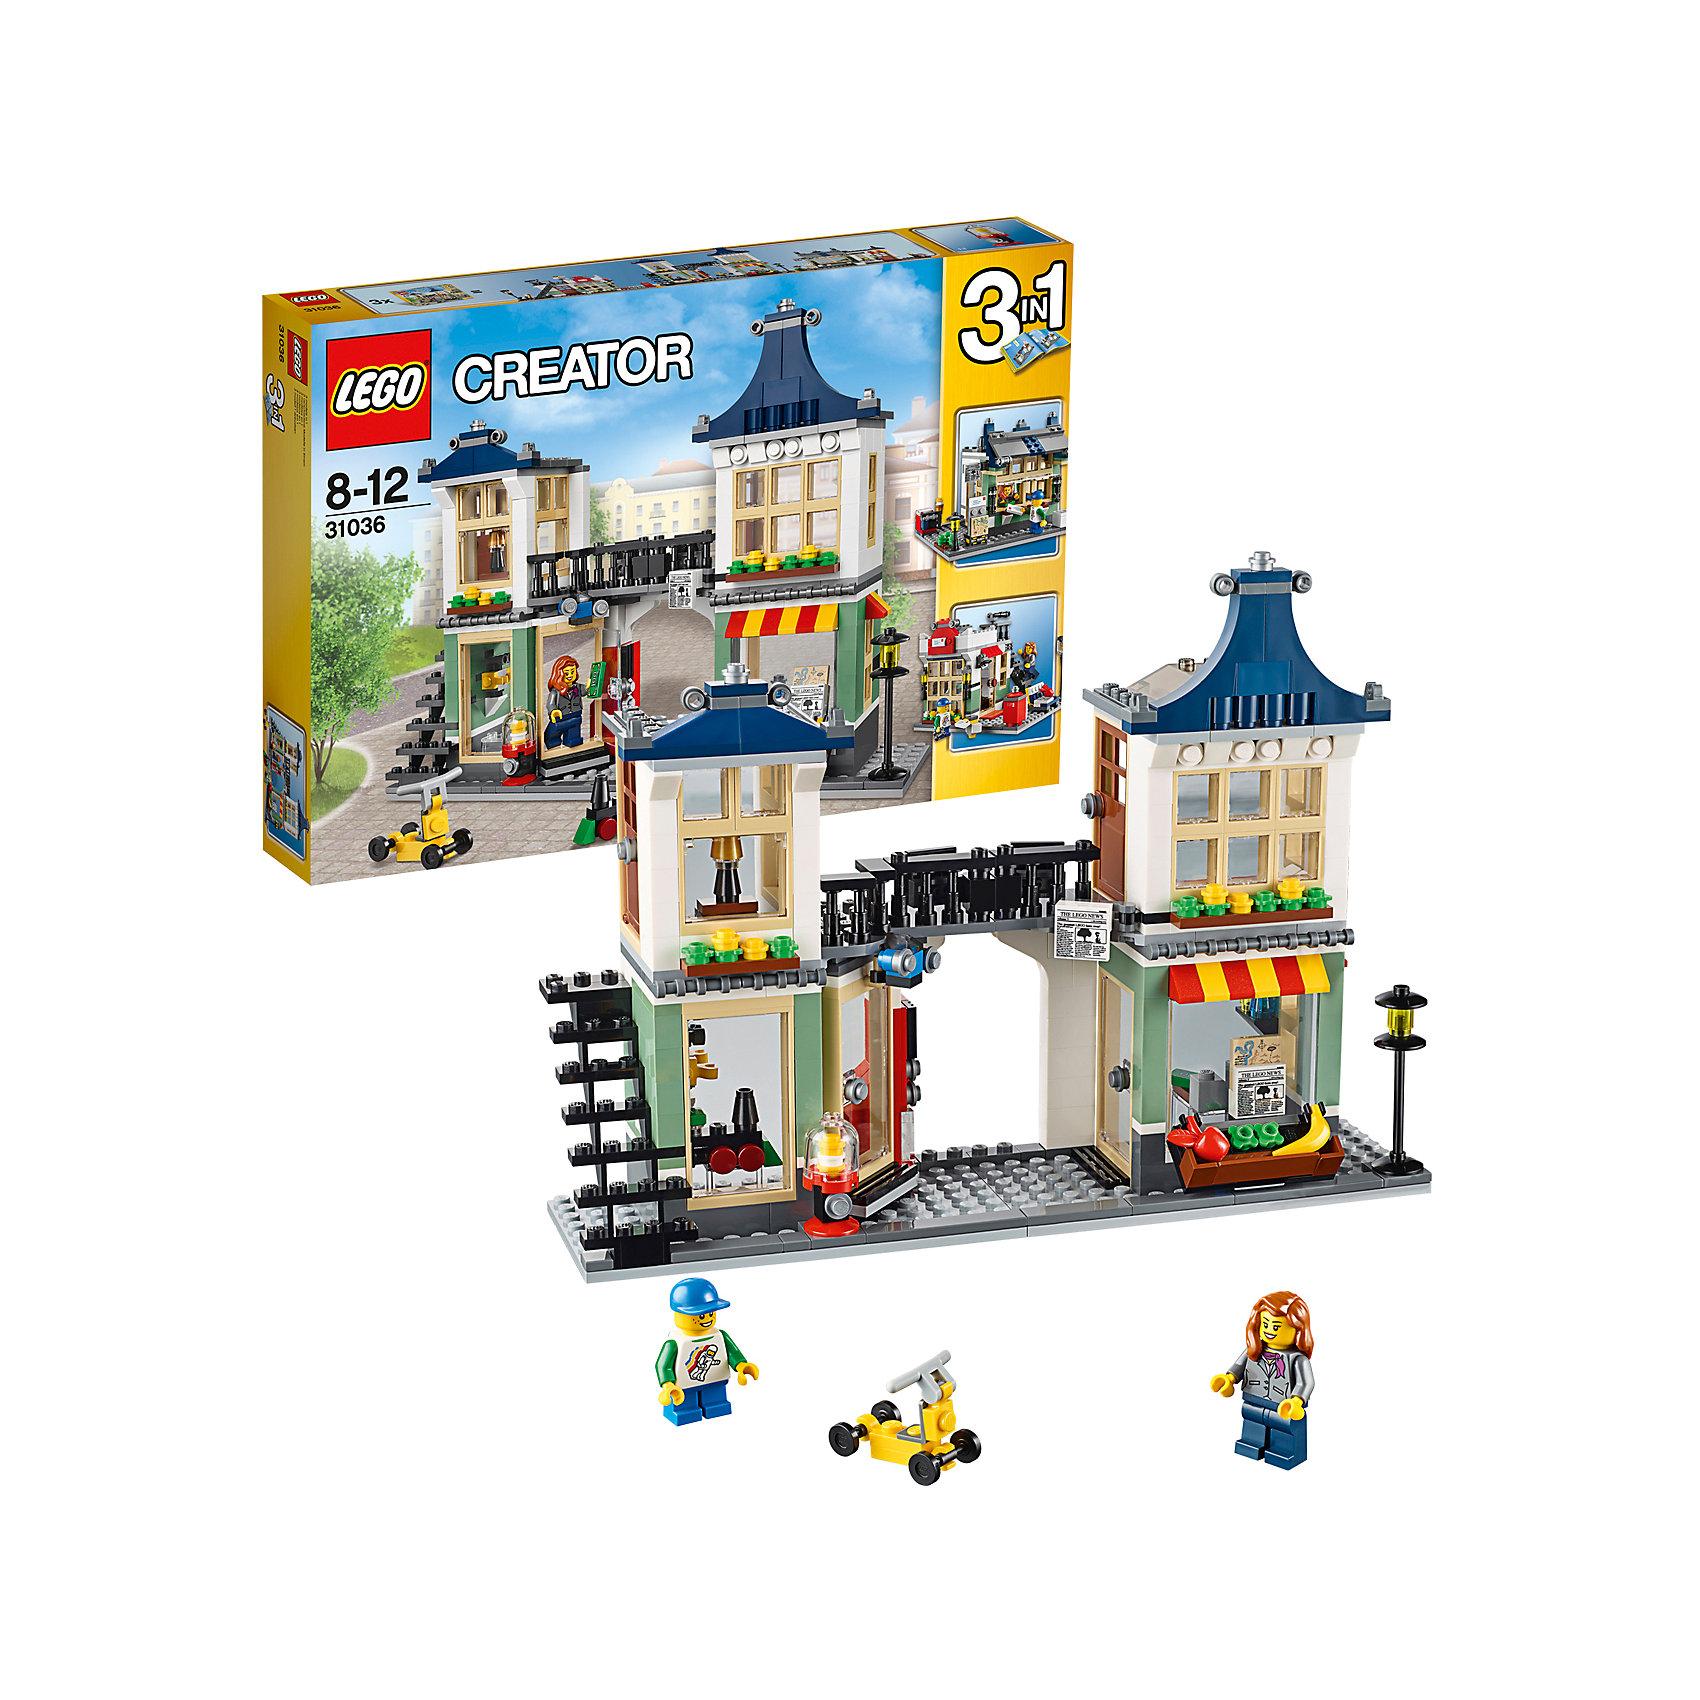 LEGO Creator 31036: Магазин по продаже игрушек и продуктов